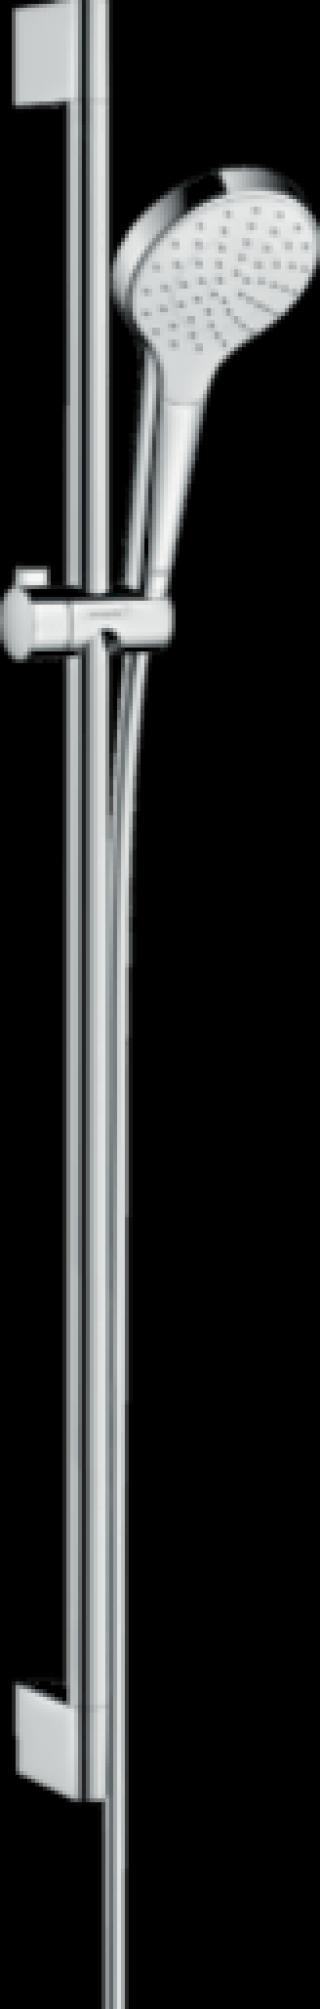 Sprchový set Hansgrohe Croma Select S bílá/chrom 26574400 chrom bílá